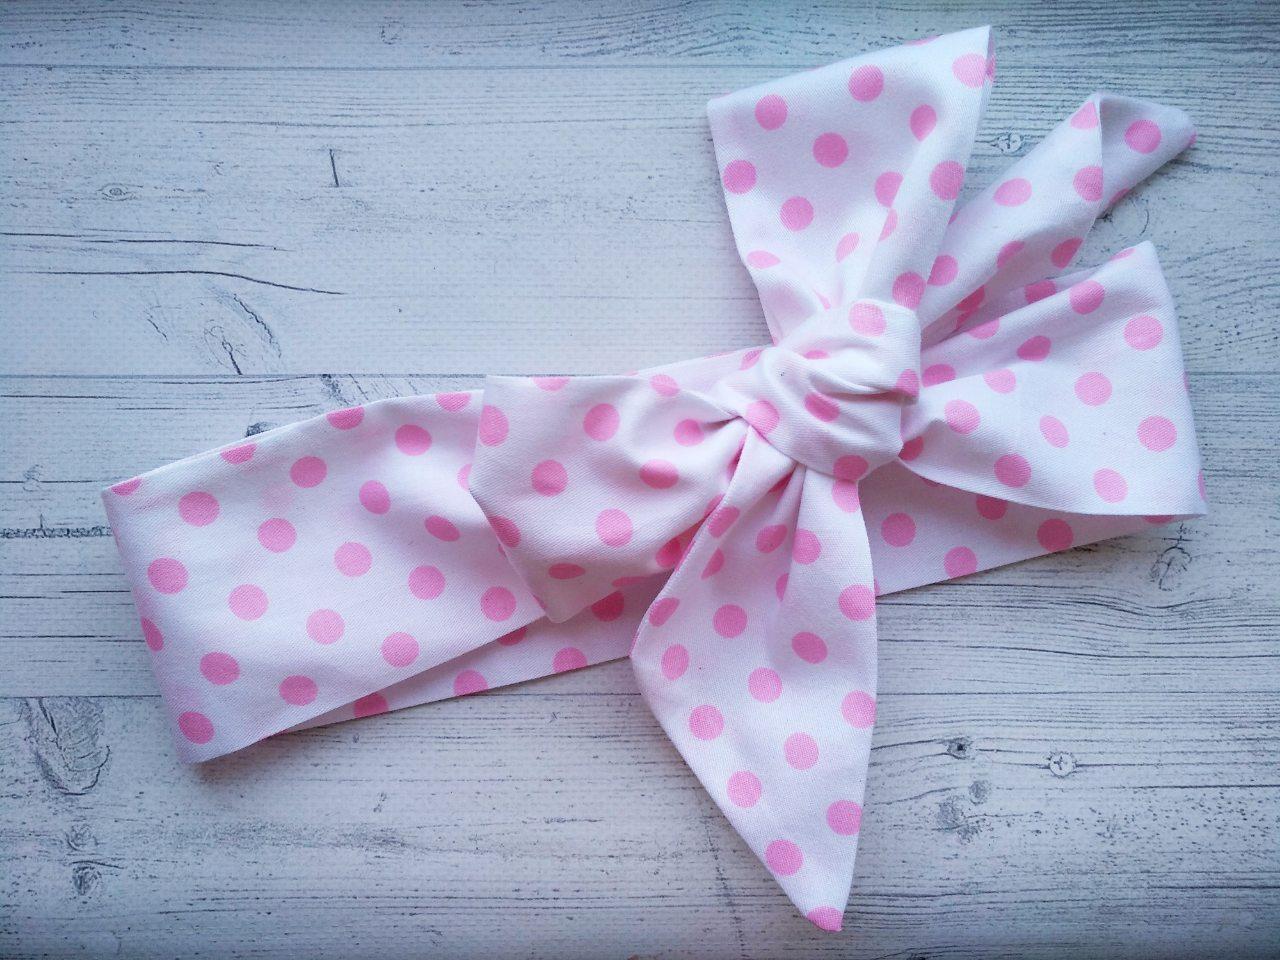 Повязка на голову для девочки солоха большой бант белая в розовый  горошек